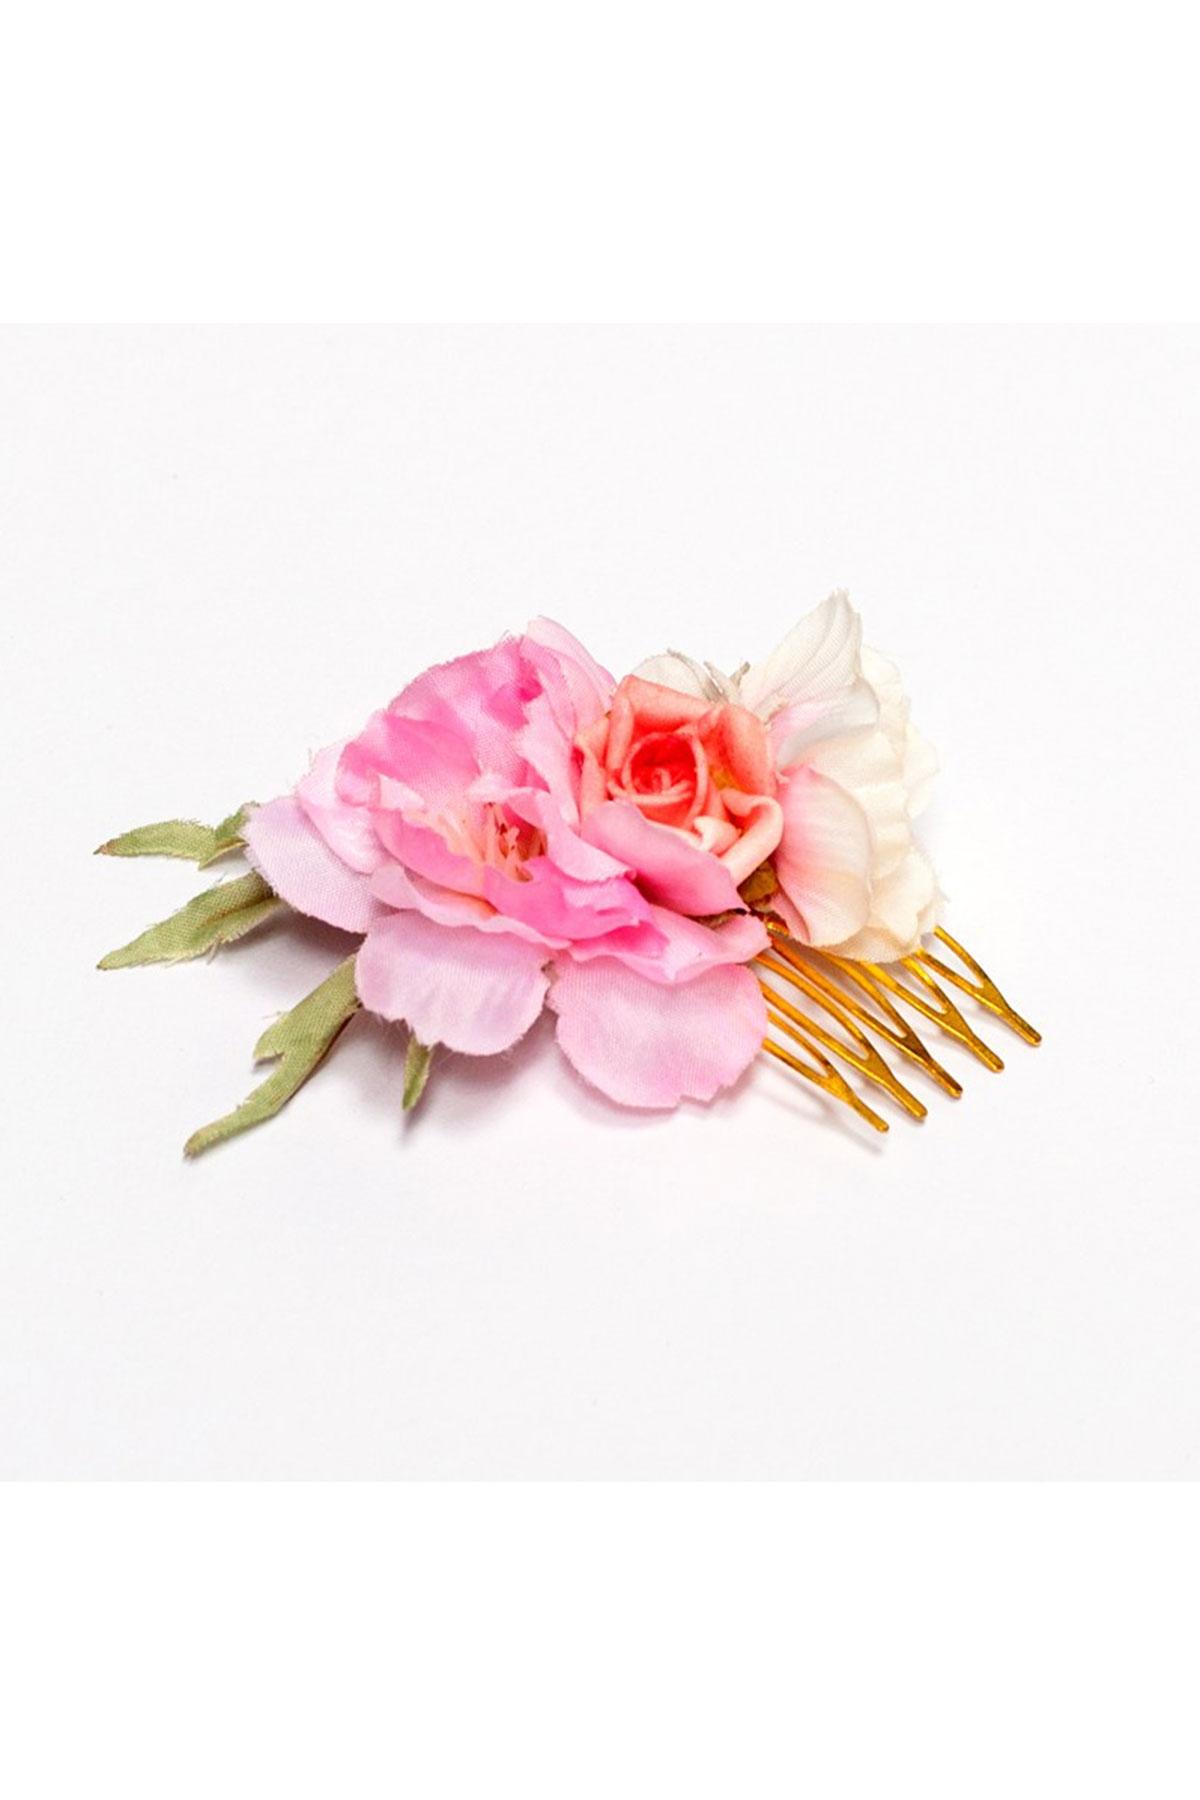 Ръчно изработен гребен в бледо розово и бяло / Forget-me-not